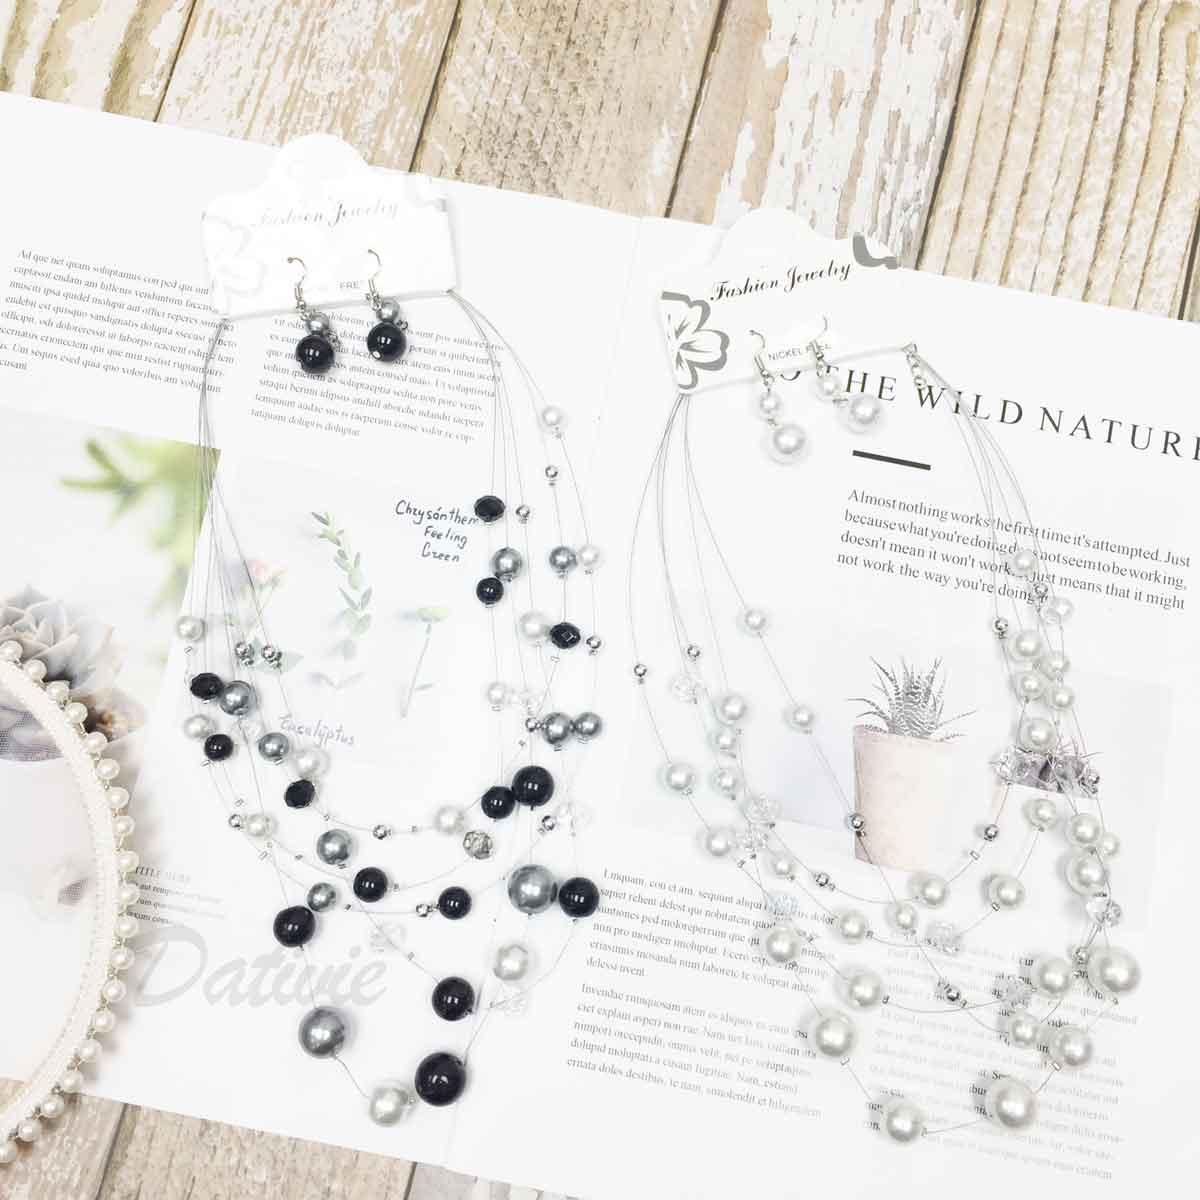 珍珠 小銀珠 透明水晶 多圈 垂墜感耳勾式耳環 項鍊耳環套組